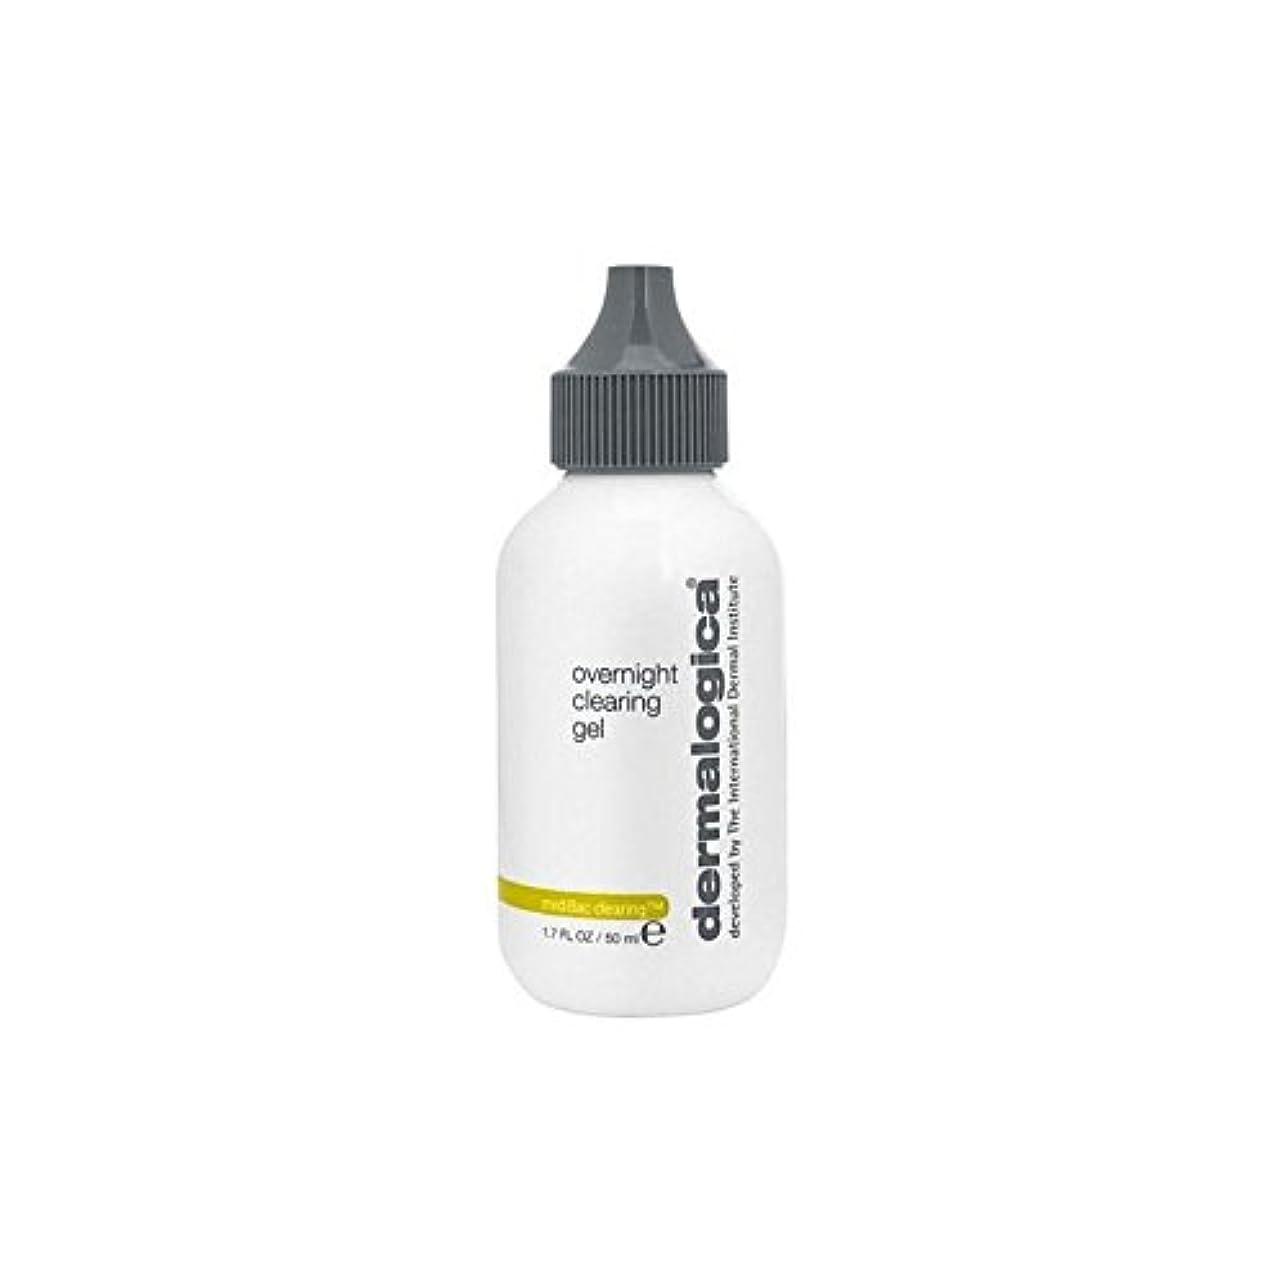 幸運なことに鳴らす注釈ダーマロジカ一晩透明ゲル(50)中 x2 - Dermalogica Medibac Overnight Clearing Gel (50ml) (Pack of 2) [並行輸入品]